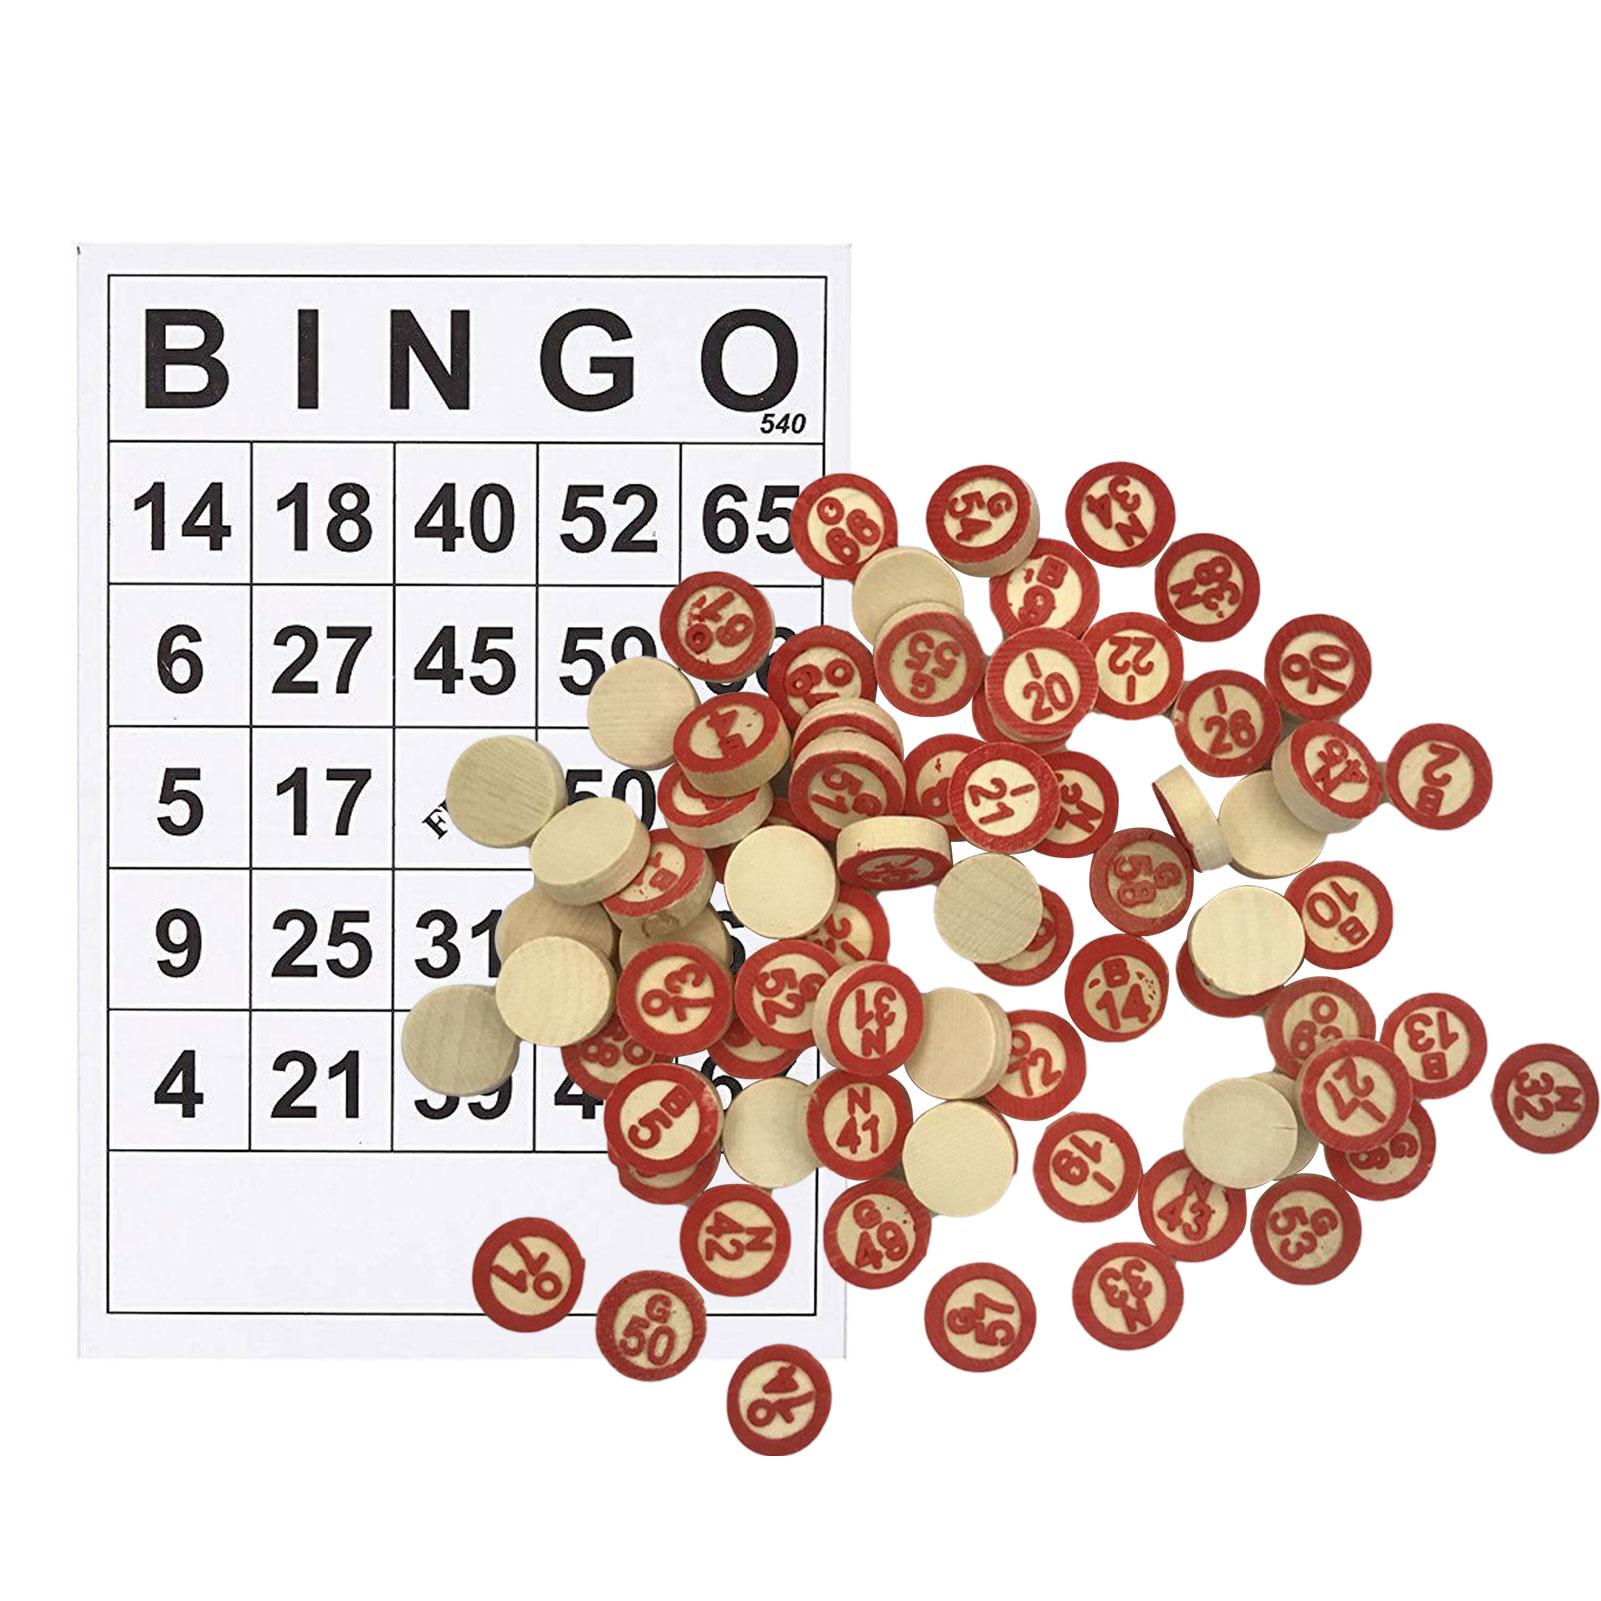 40 шт., партия для игры в бинго, 30 карт для игры в бинго, плюс 75 фишек с цифрами для детей, семейные вечерние интерактивные игры для всей семьи, В...